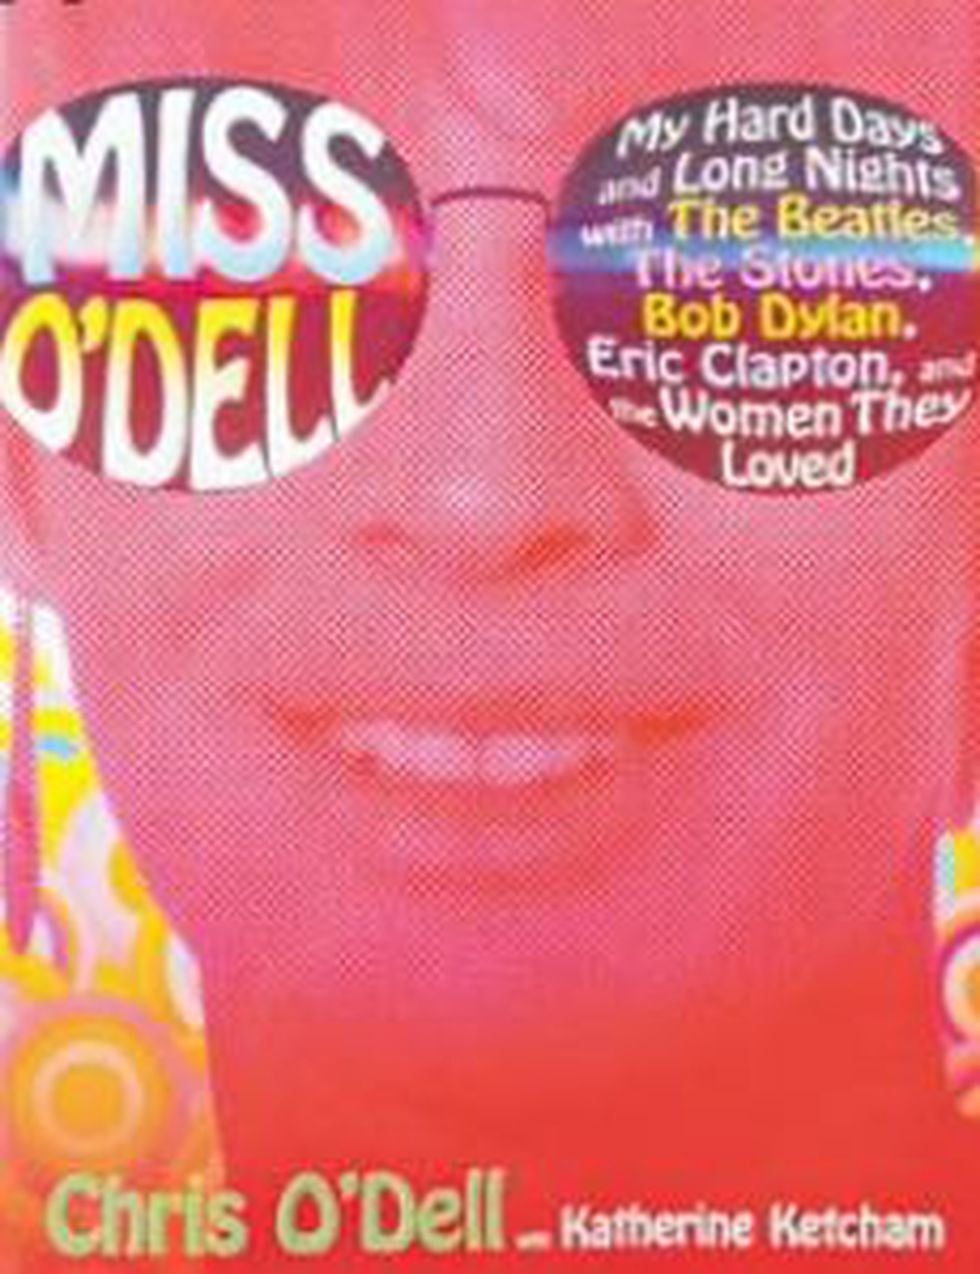 El libro de Chris O'Dell contiene información que ha pasado desapercibida.